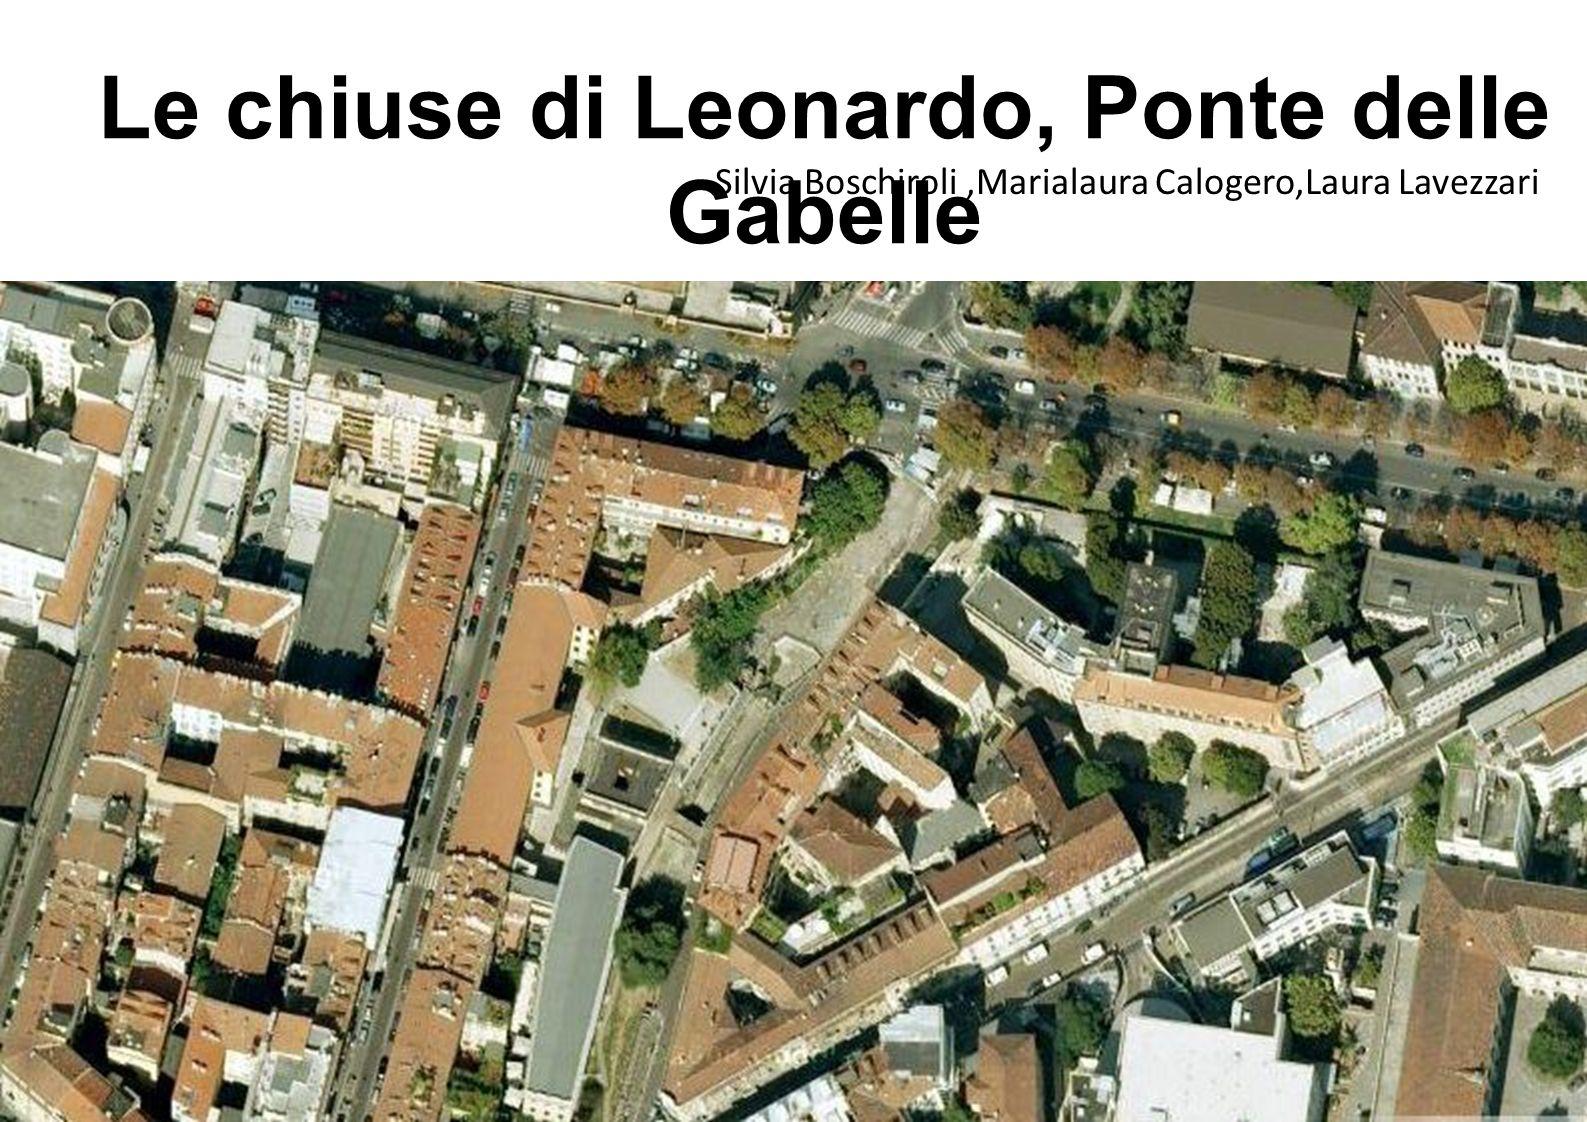 Le chiuse di Leonardo, Ponte delle Gabelle Silvia Boschiroli,Marialaura Calogero,Laura Lavezzari